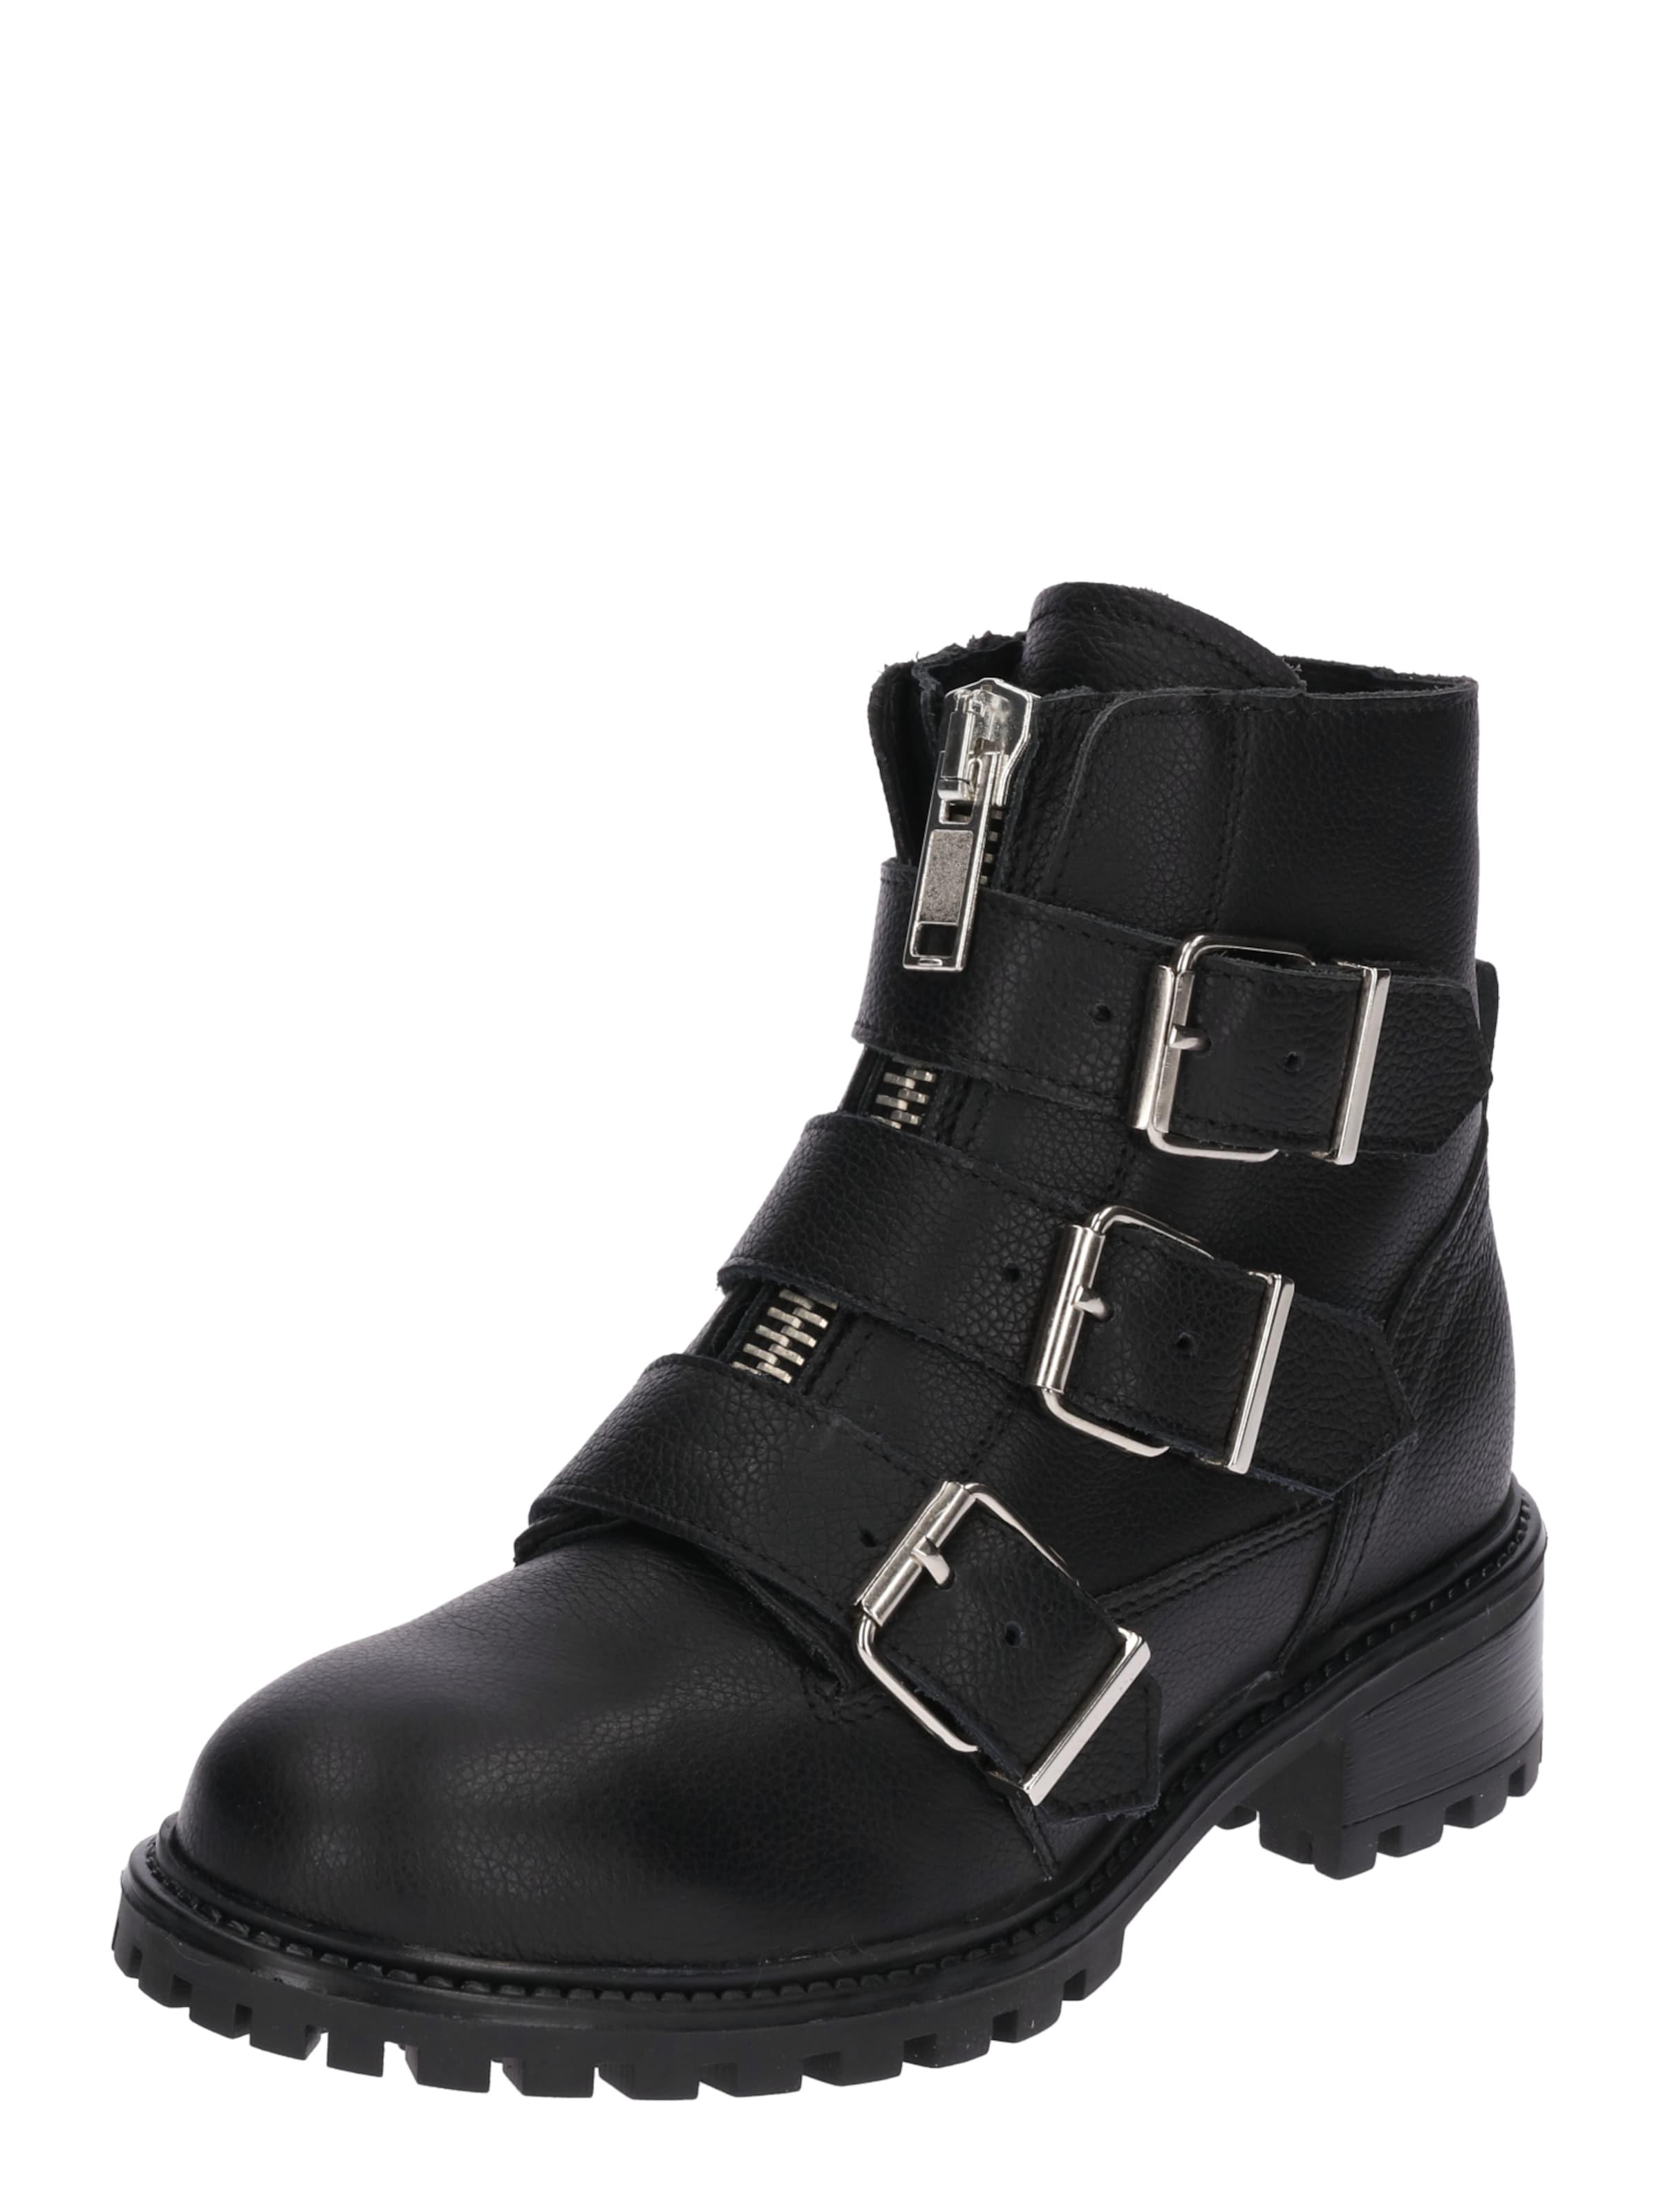 PS Poelman | Stiefelette im Biker-Look Schuhe Gut getragene Schuhe